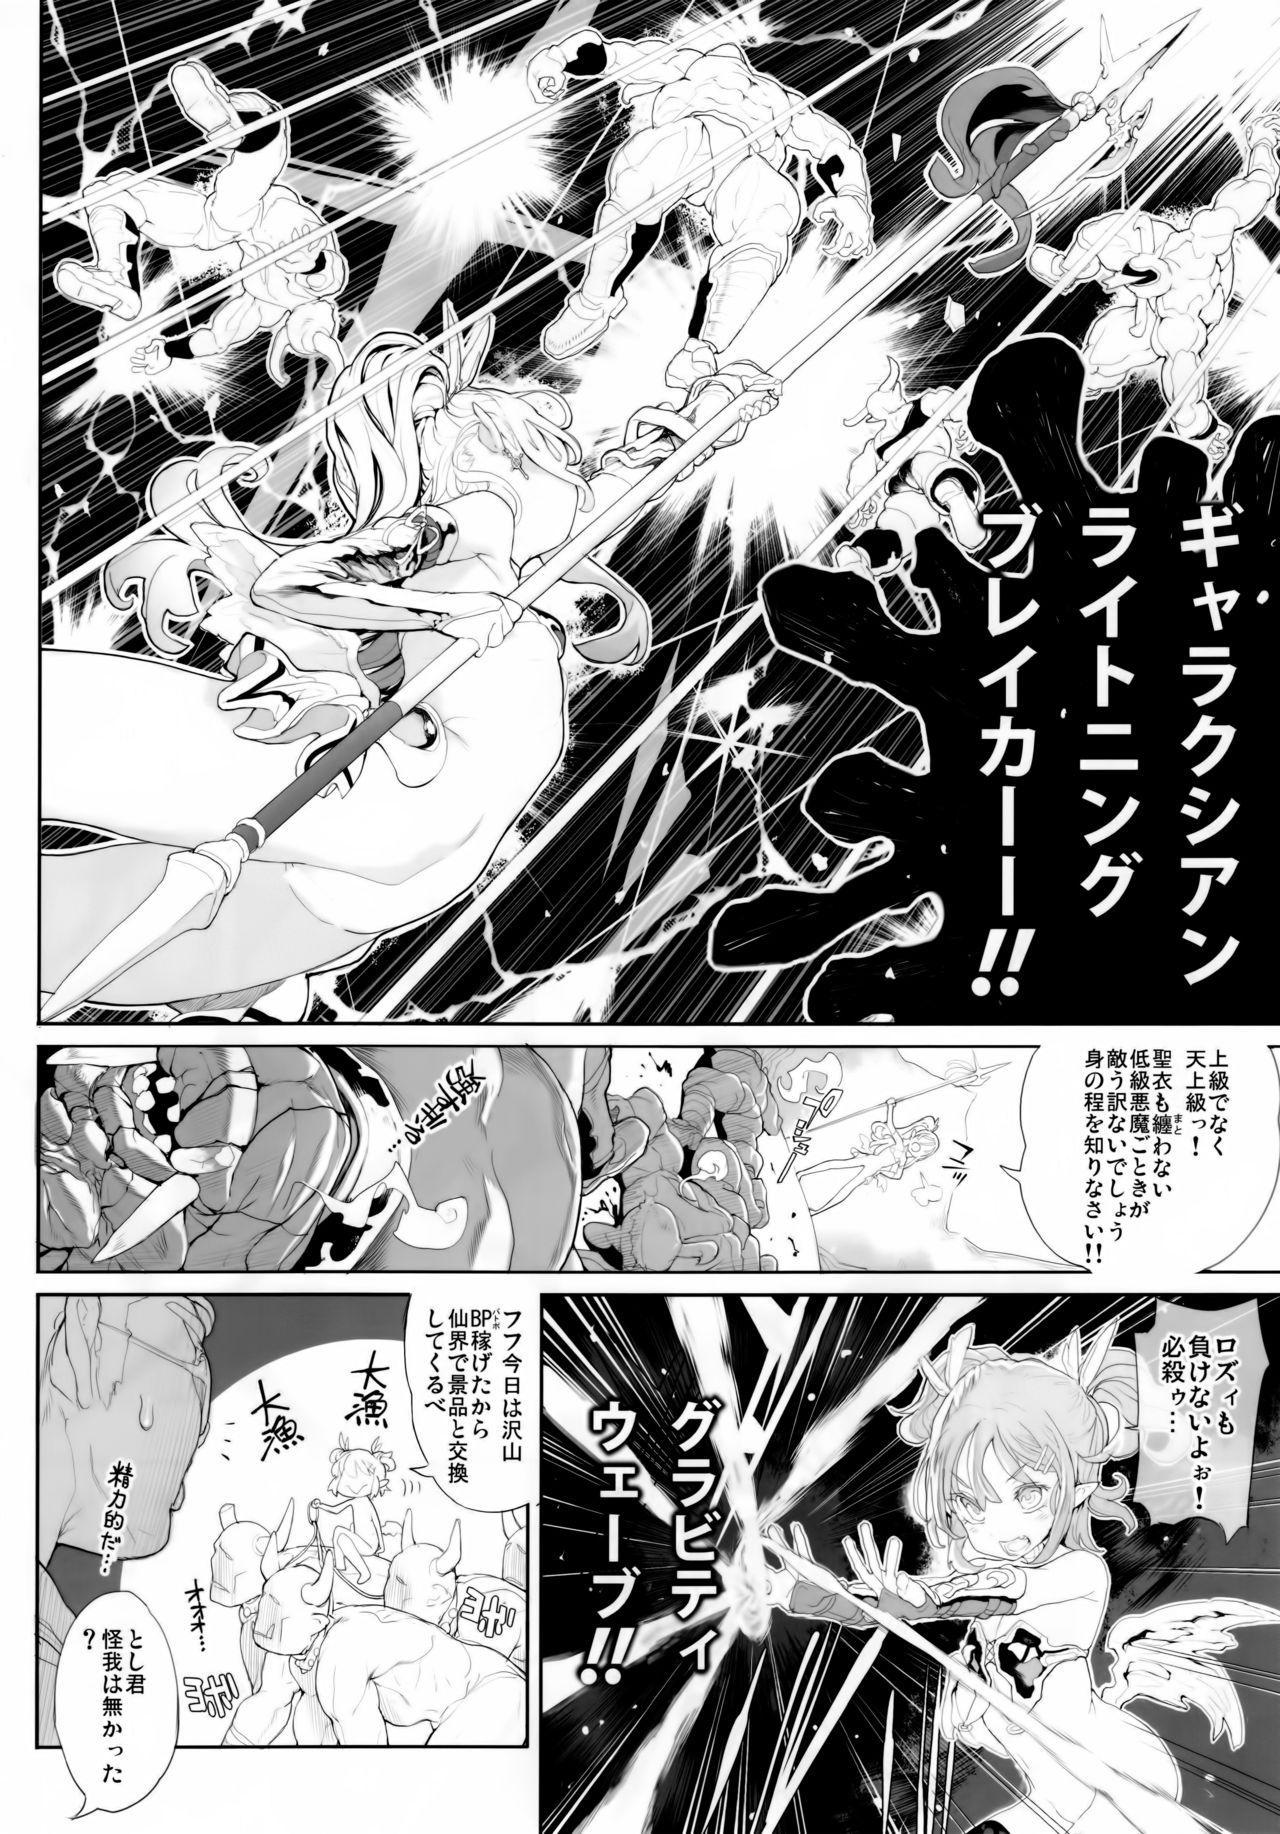 Junketsu no Device 5